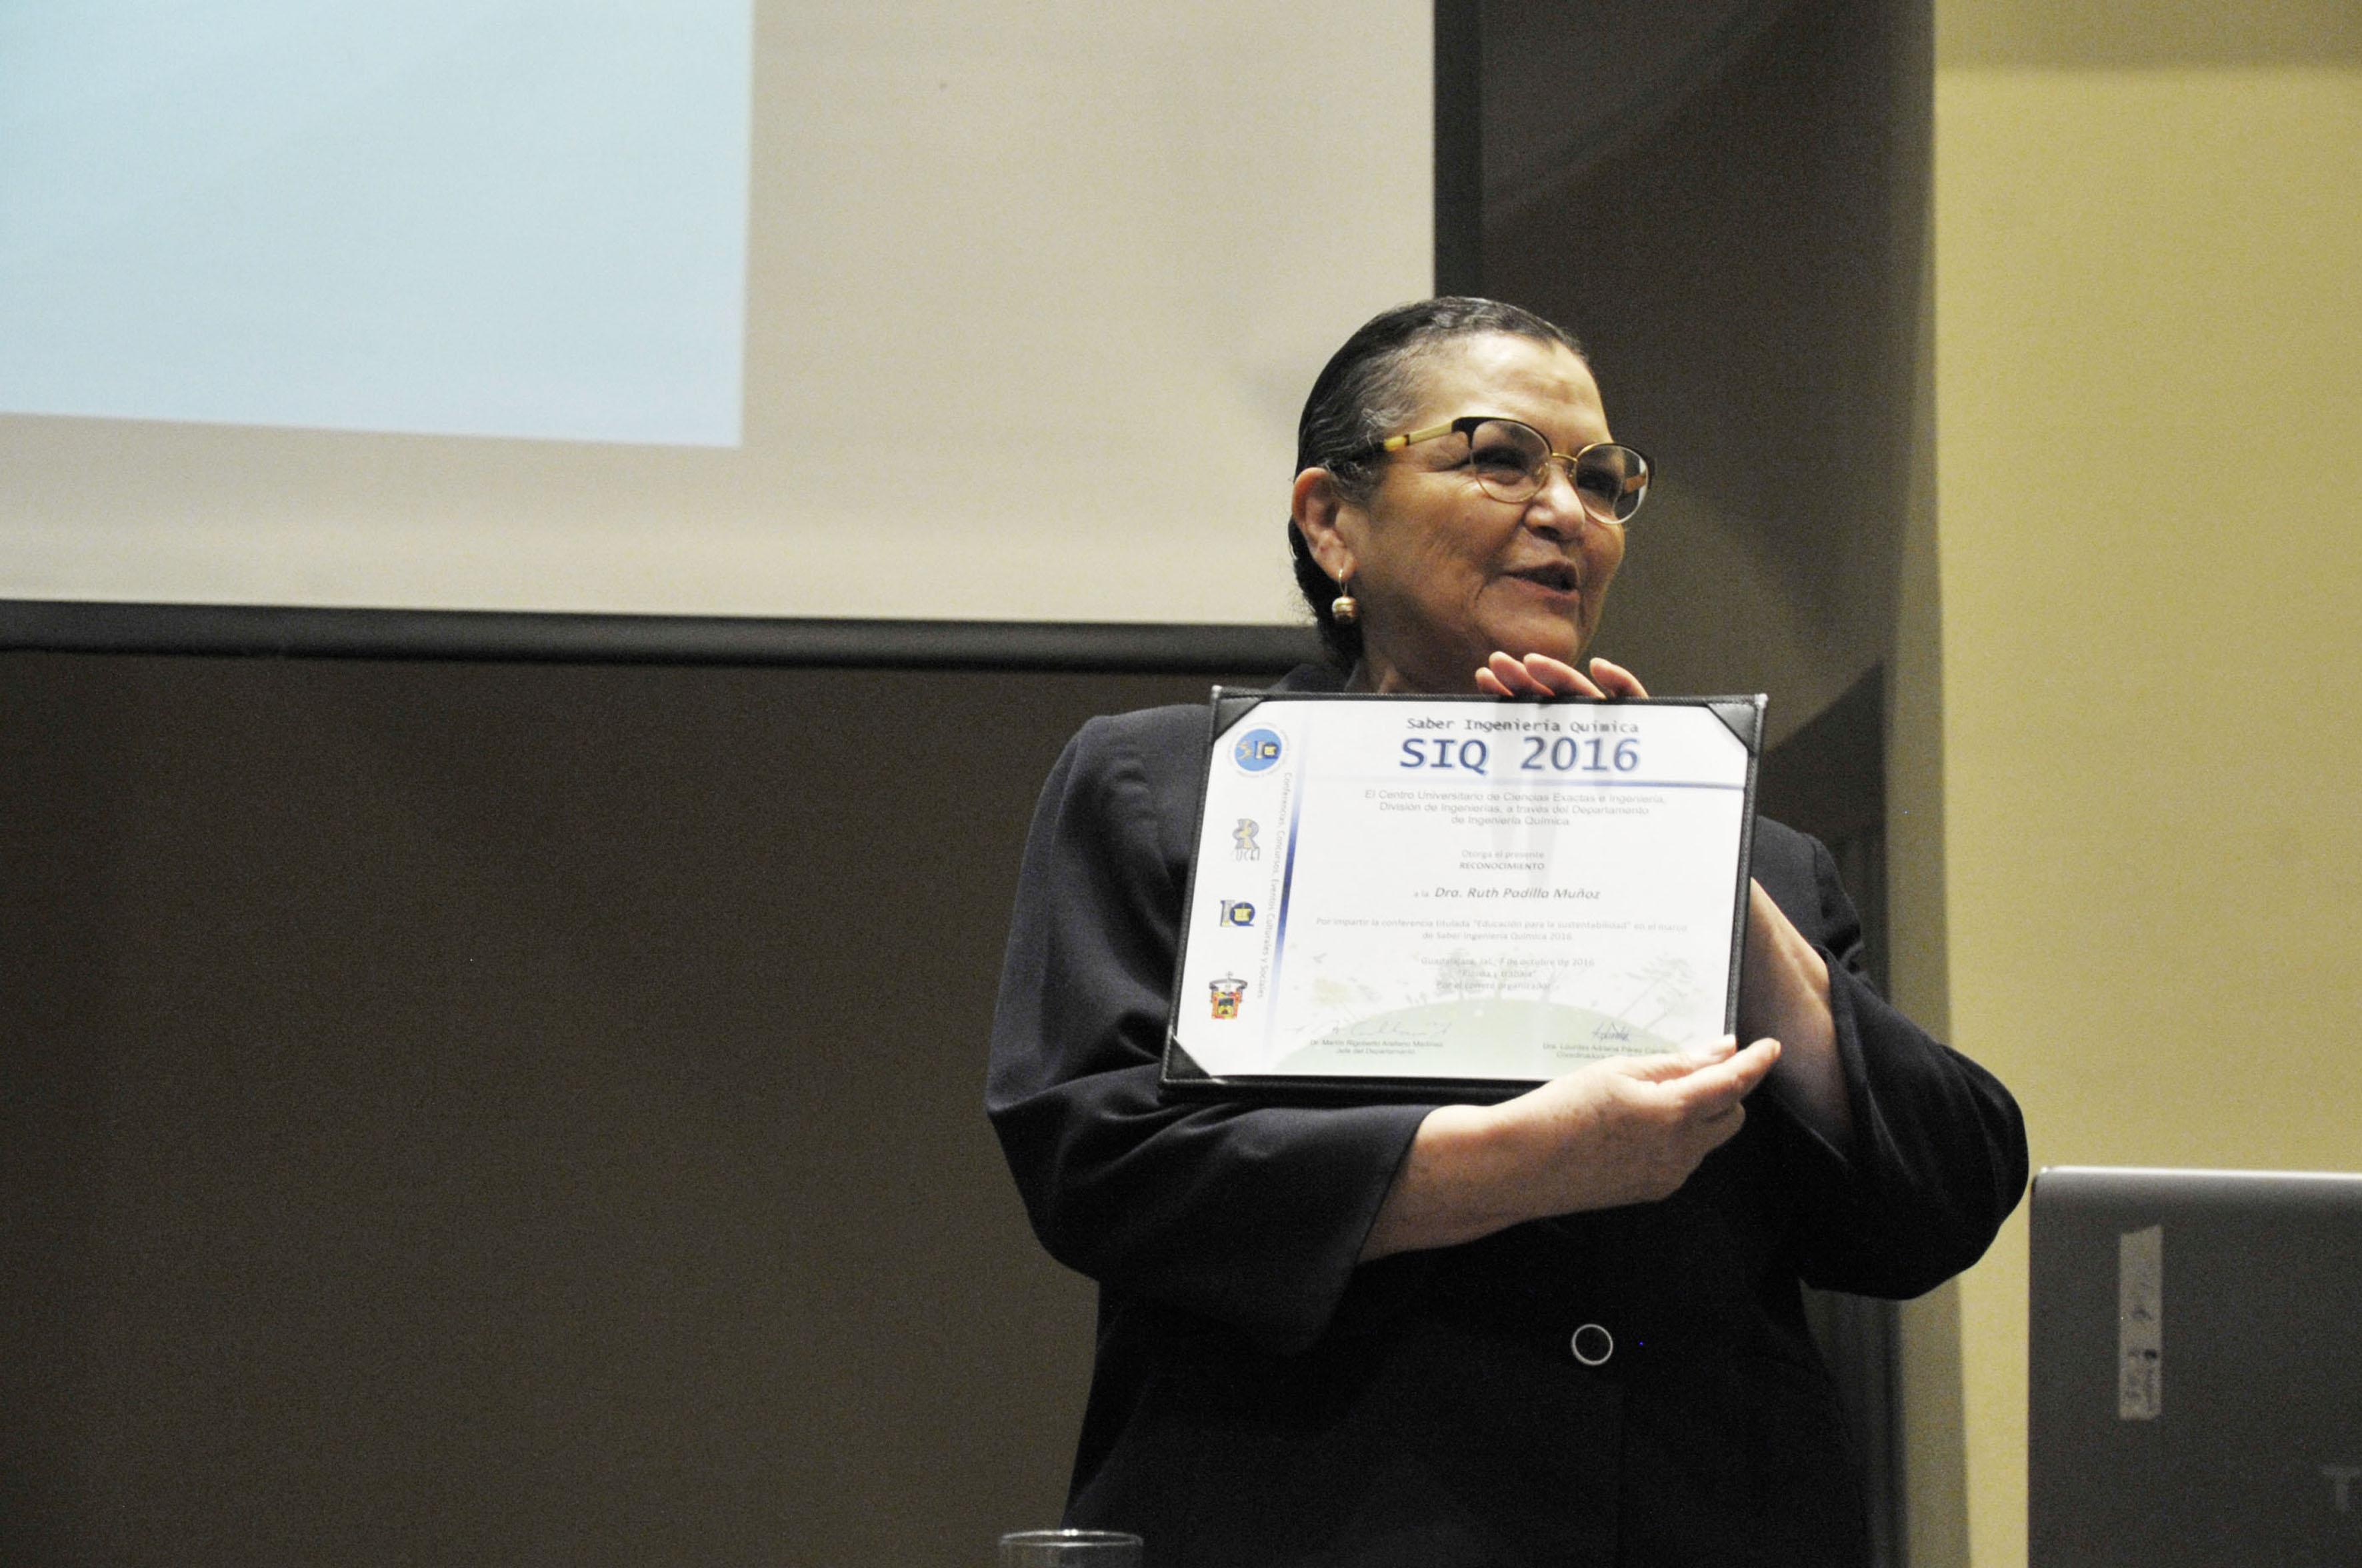 La Rectora del CUCEI durante la conferencia en el SIQ 2016